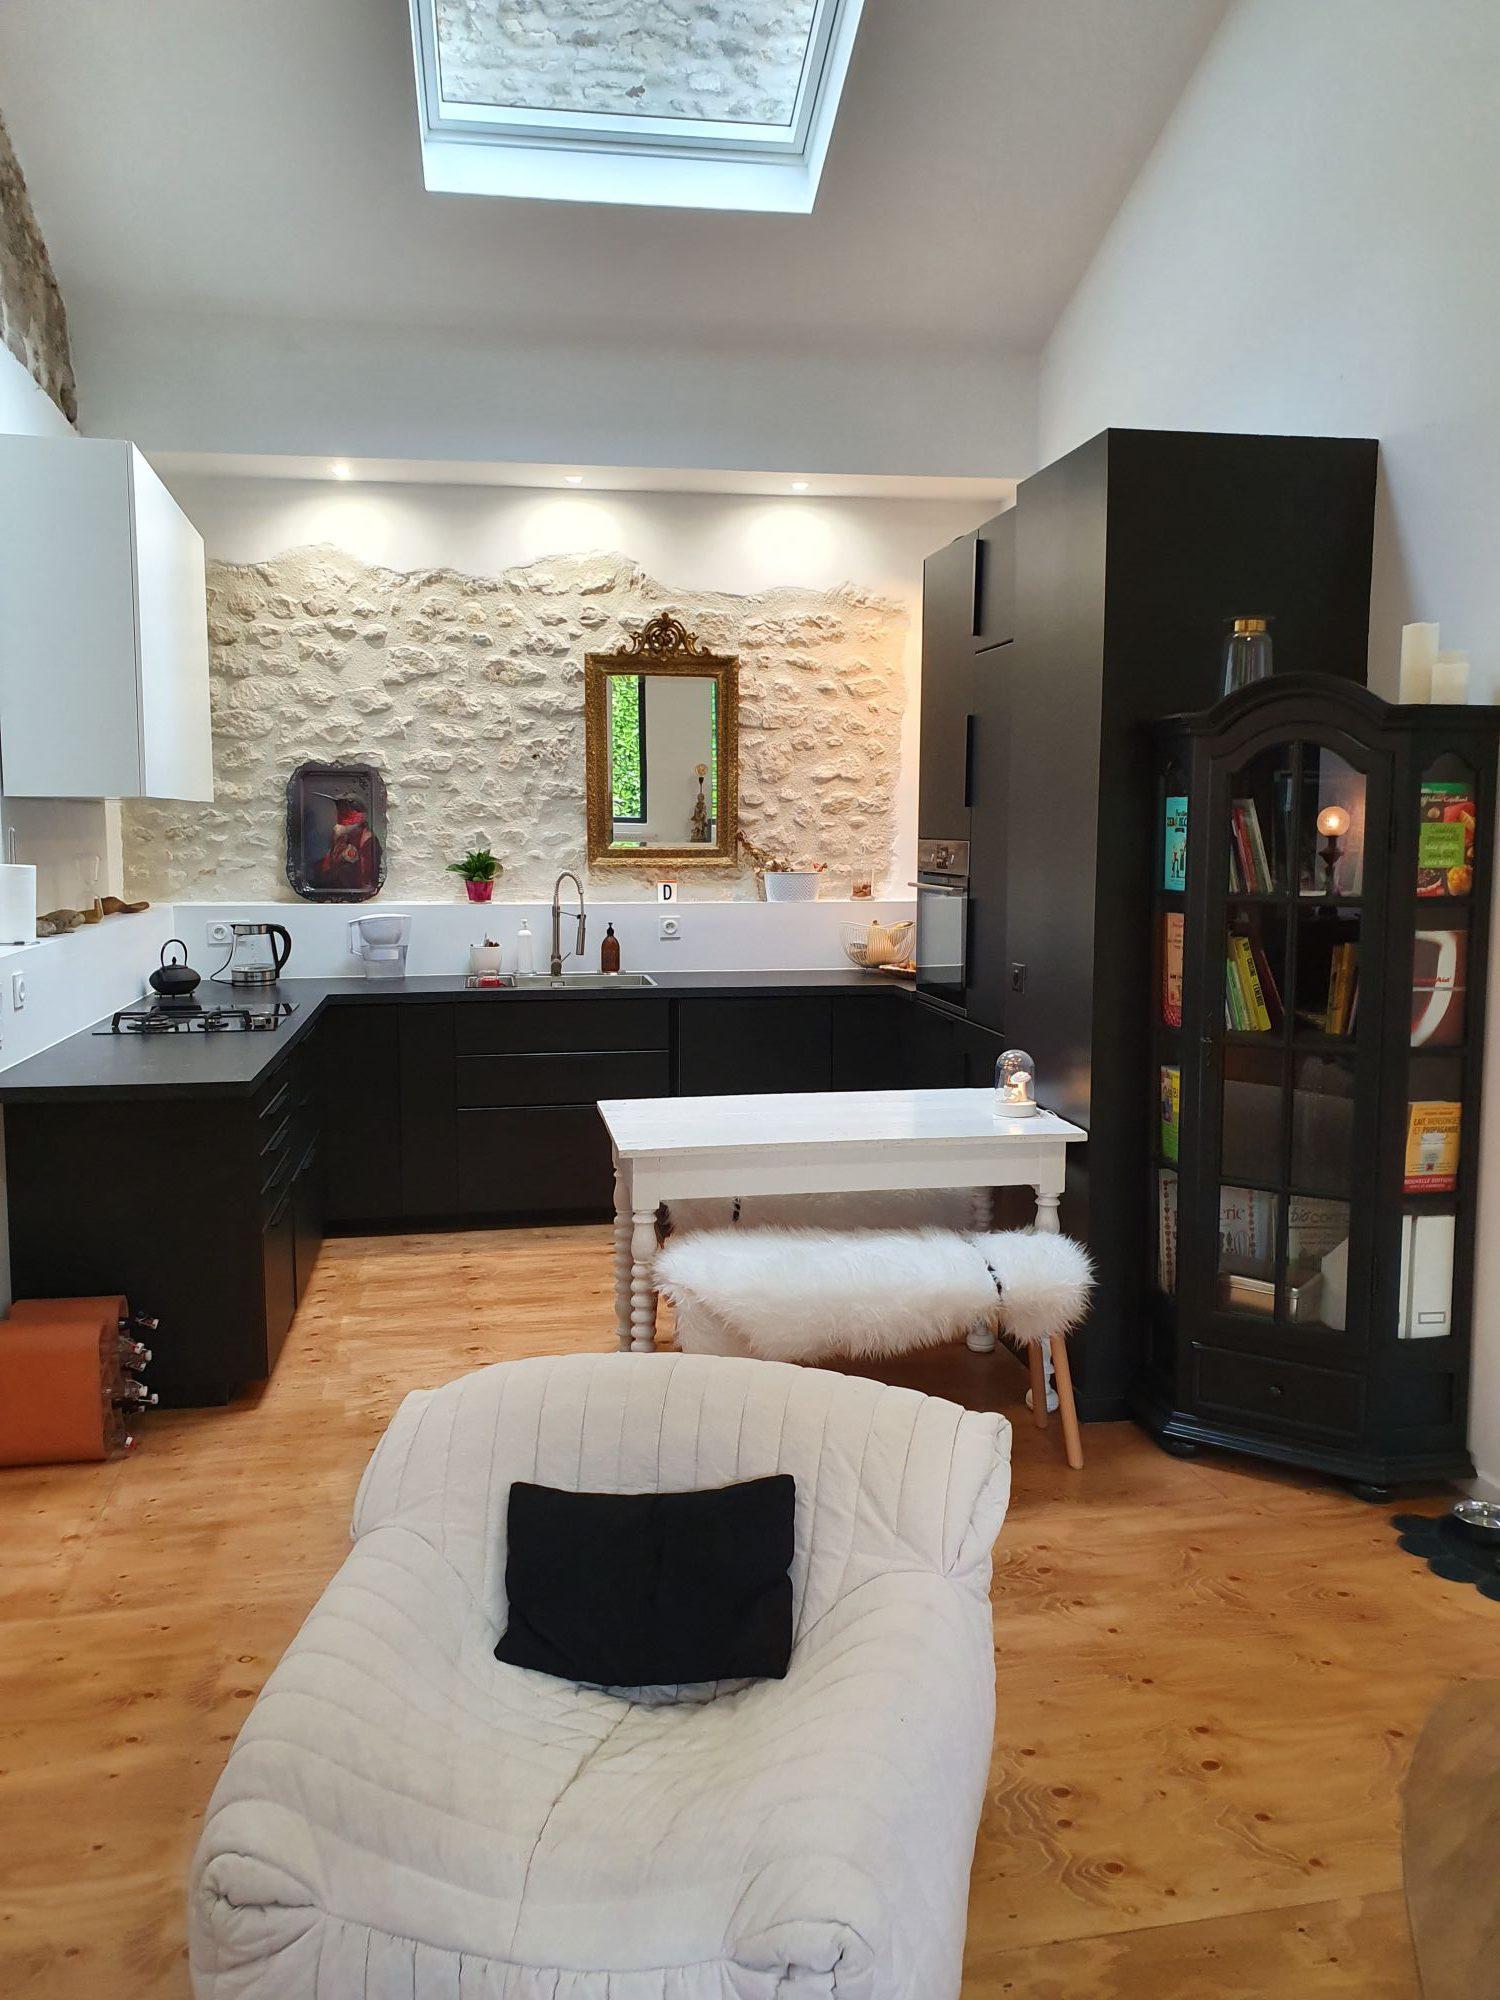 rénovation maison atypique haut de gamme luxe